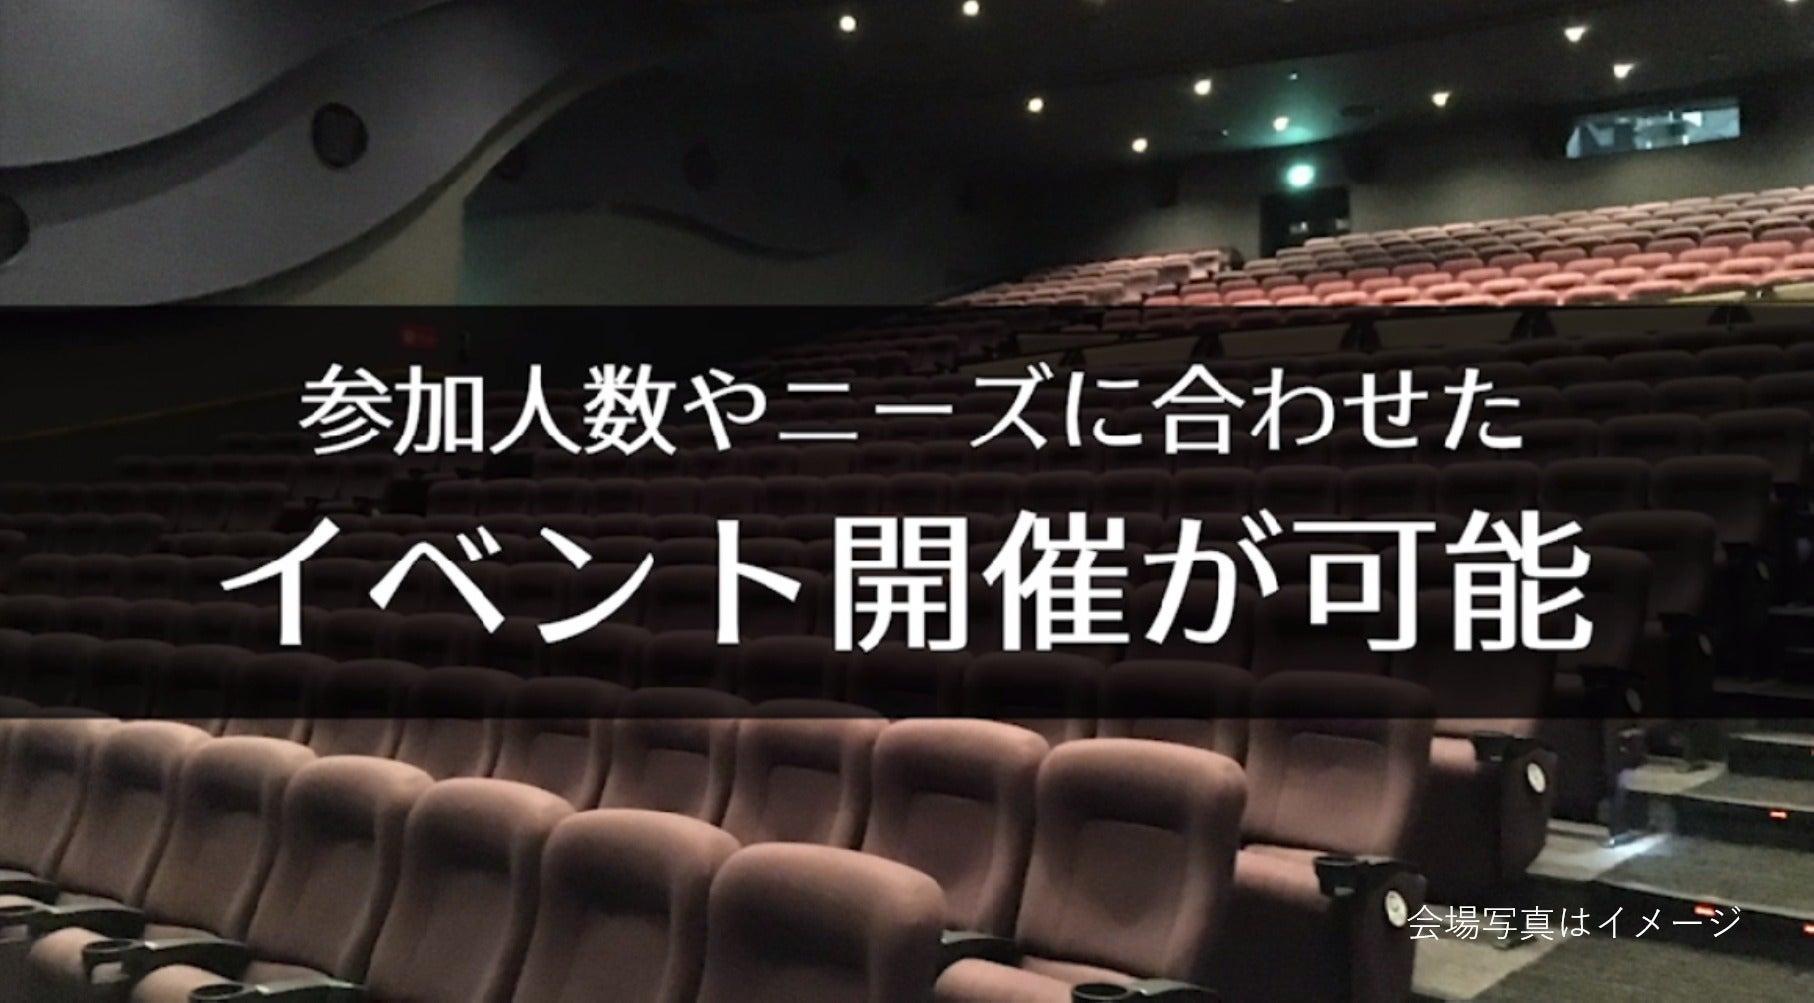 【熊本 204席】映画館で、会社説明会、株主総会、講演会の企画はいかがですか?